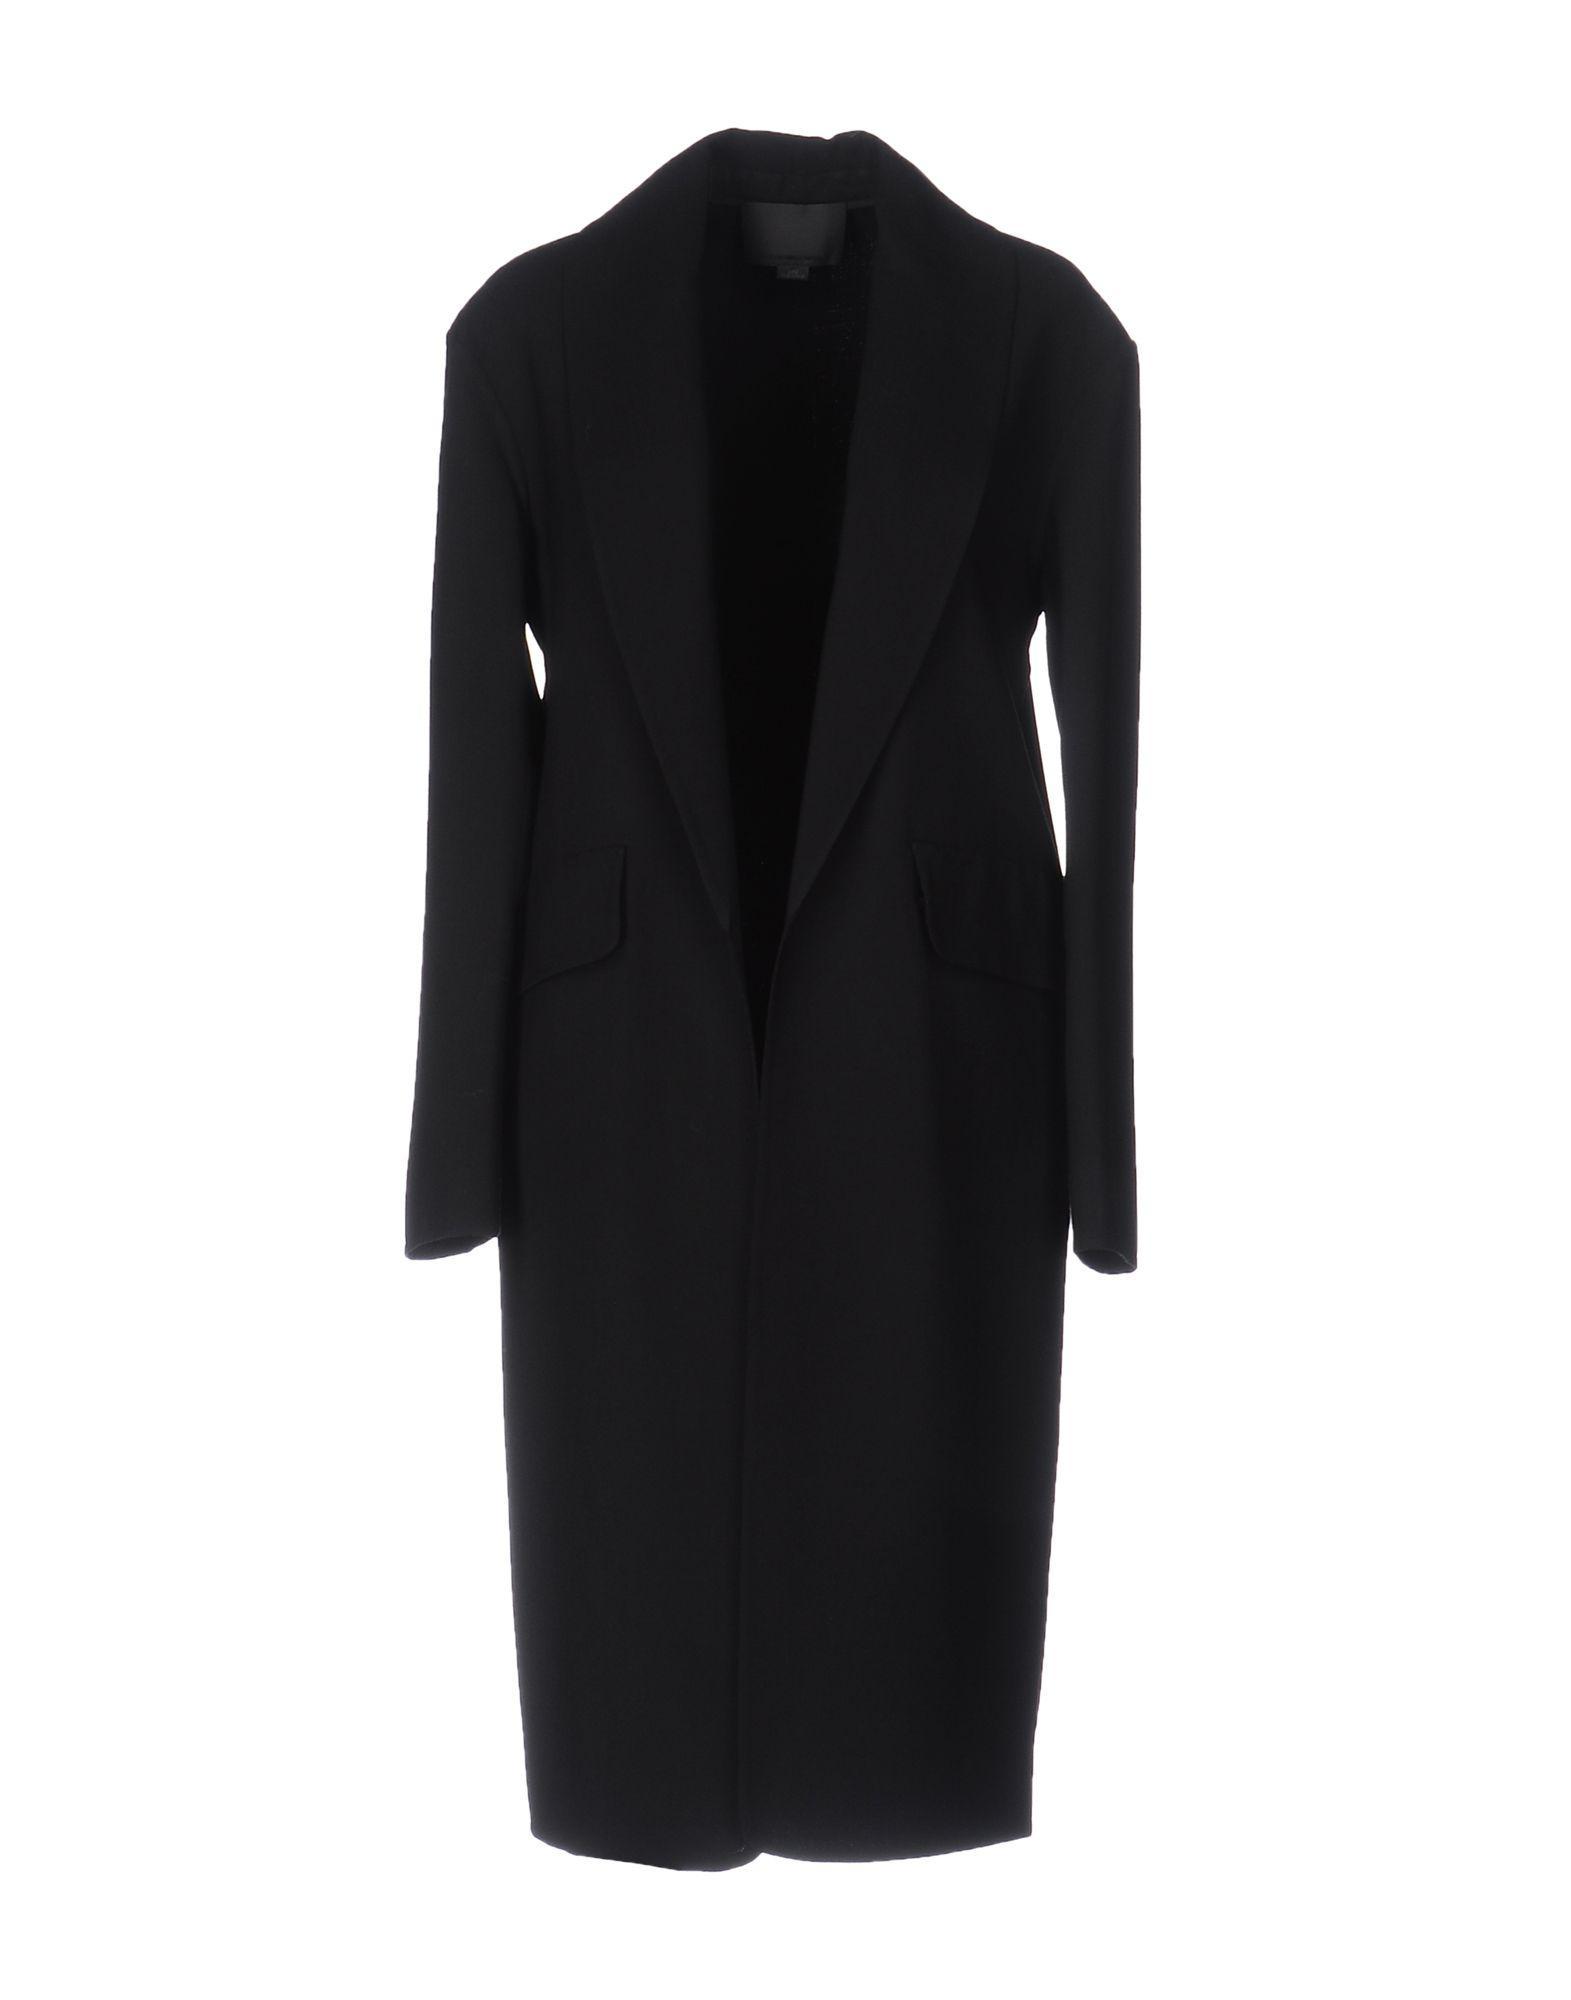 Alexander Wang Overcoats In Black